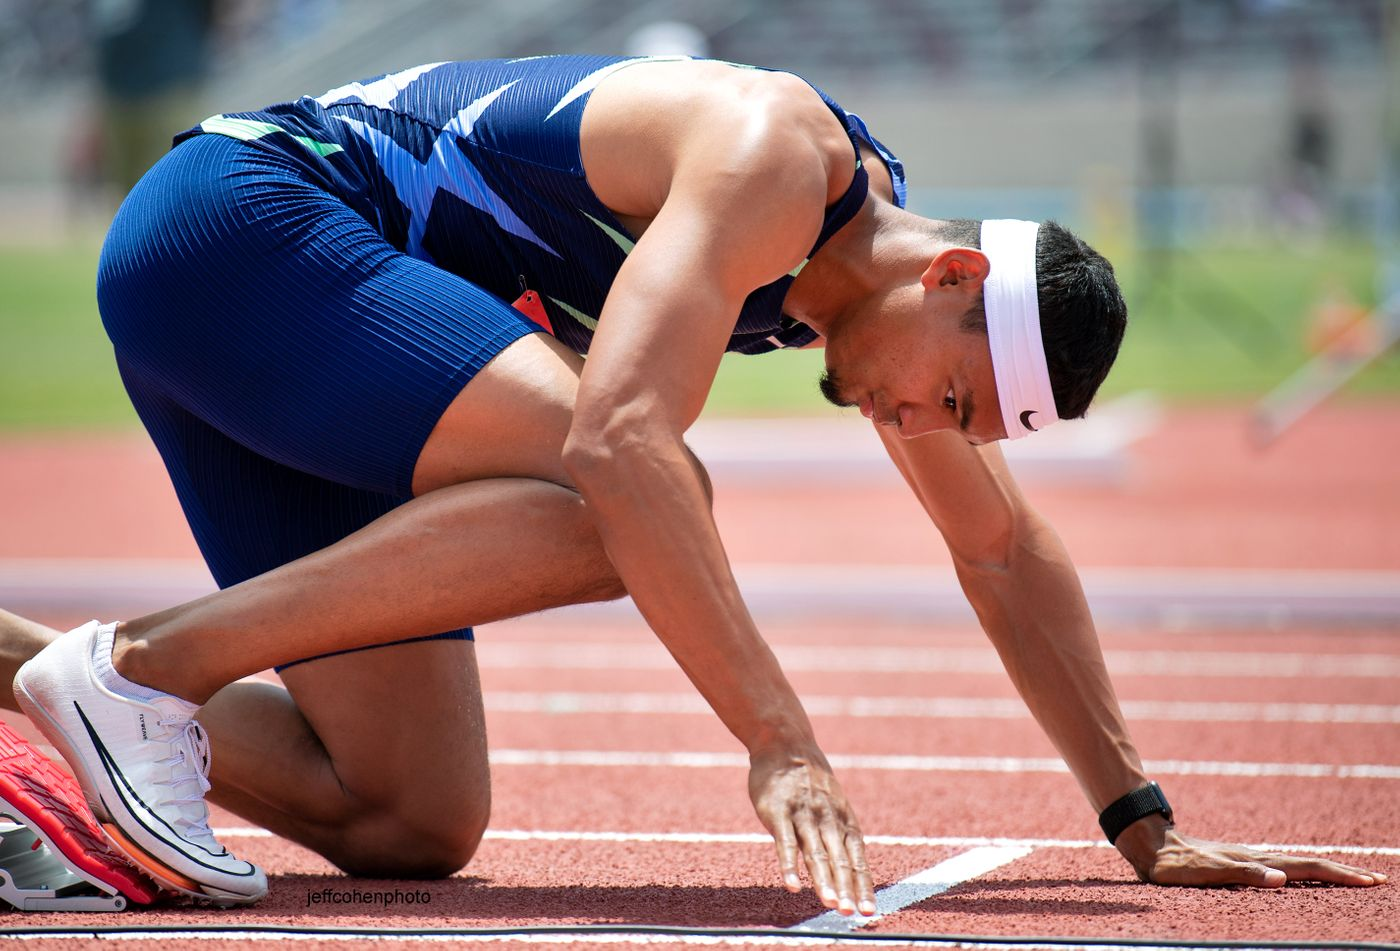 Michael Norman. 400 meters, 2021 USATF Golden Games